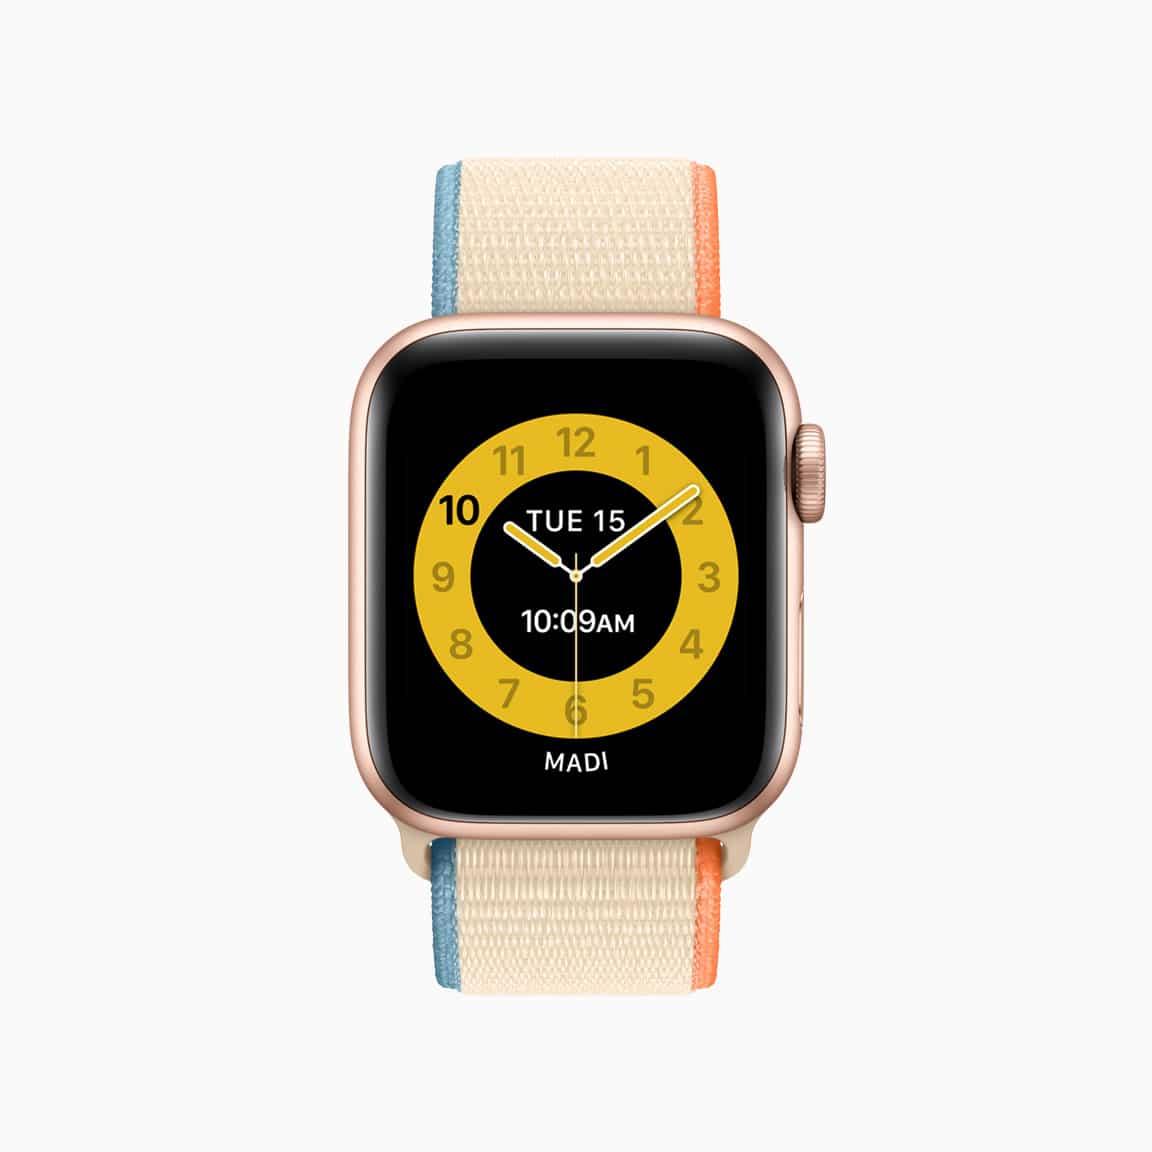 Schooltime (Horário Escolar) no Apple Watch